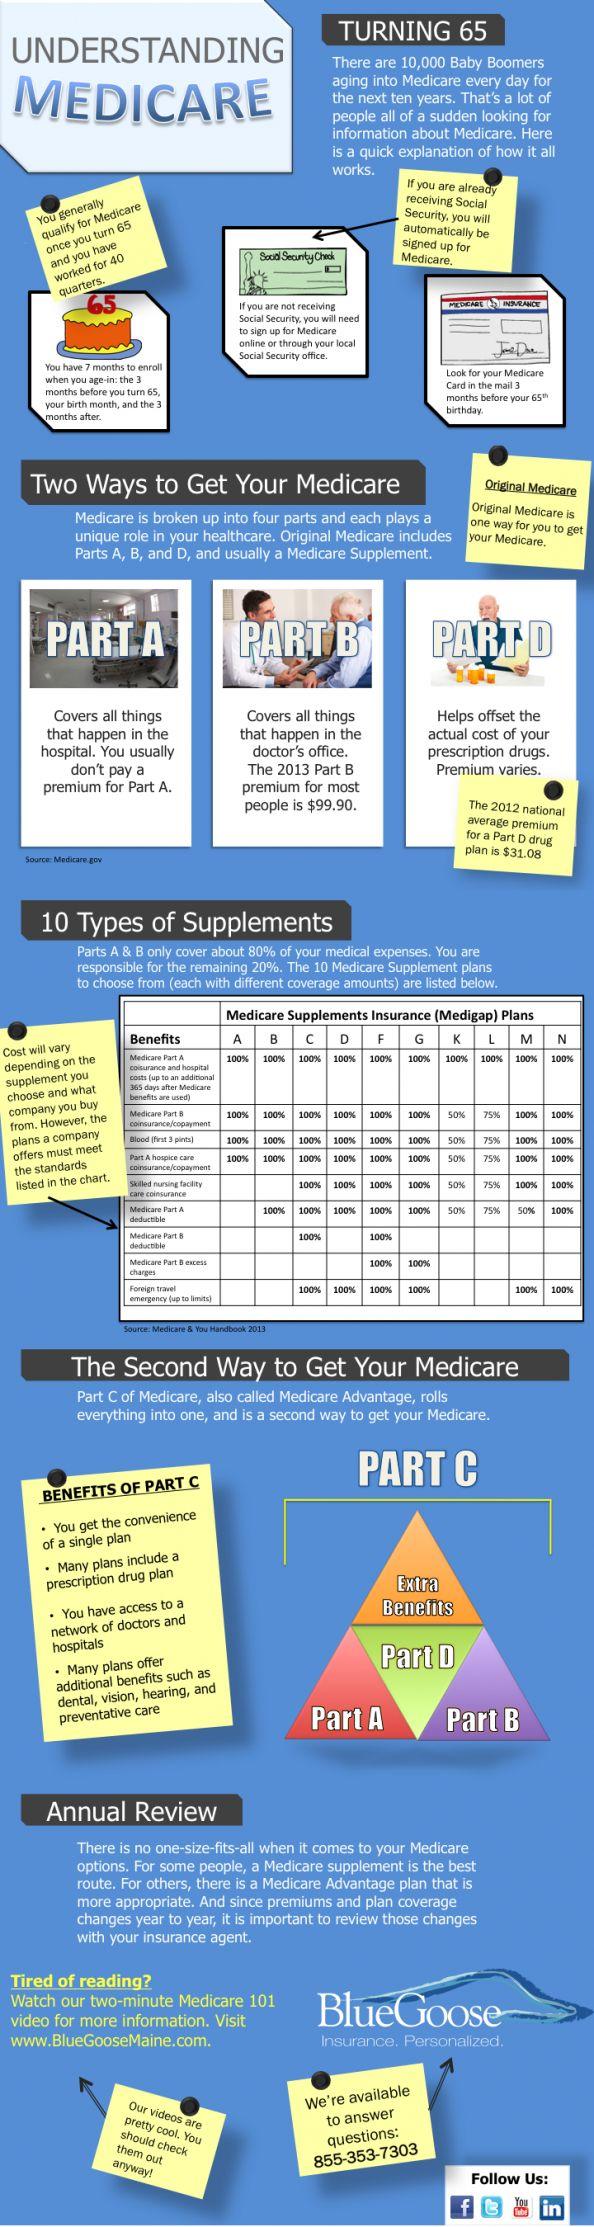 Medicare Enrollment Guide Infographic  www.todaysmedicarebenefits.com